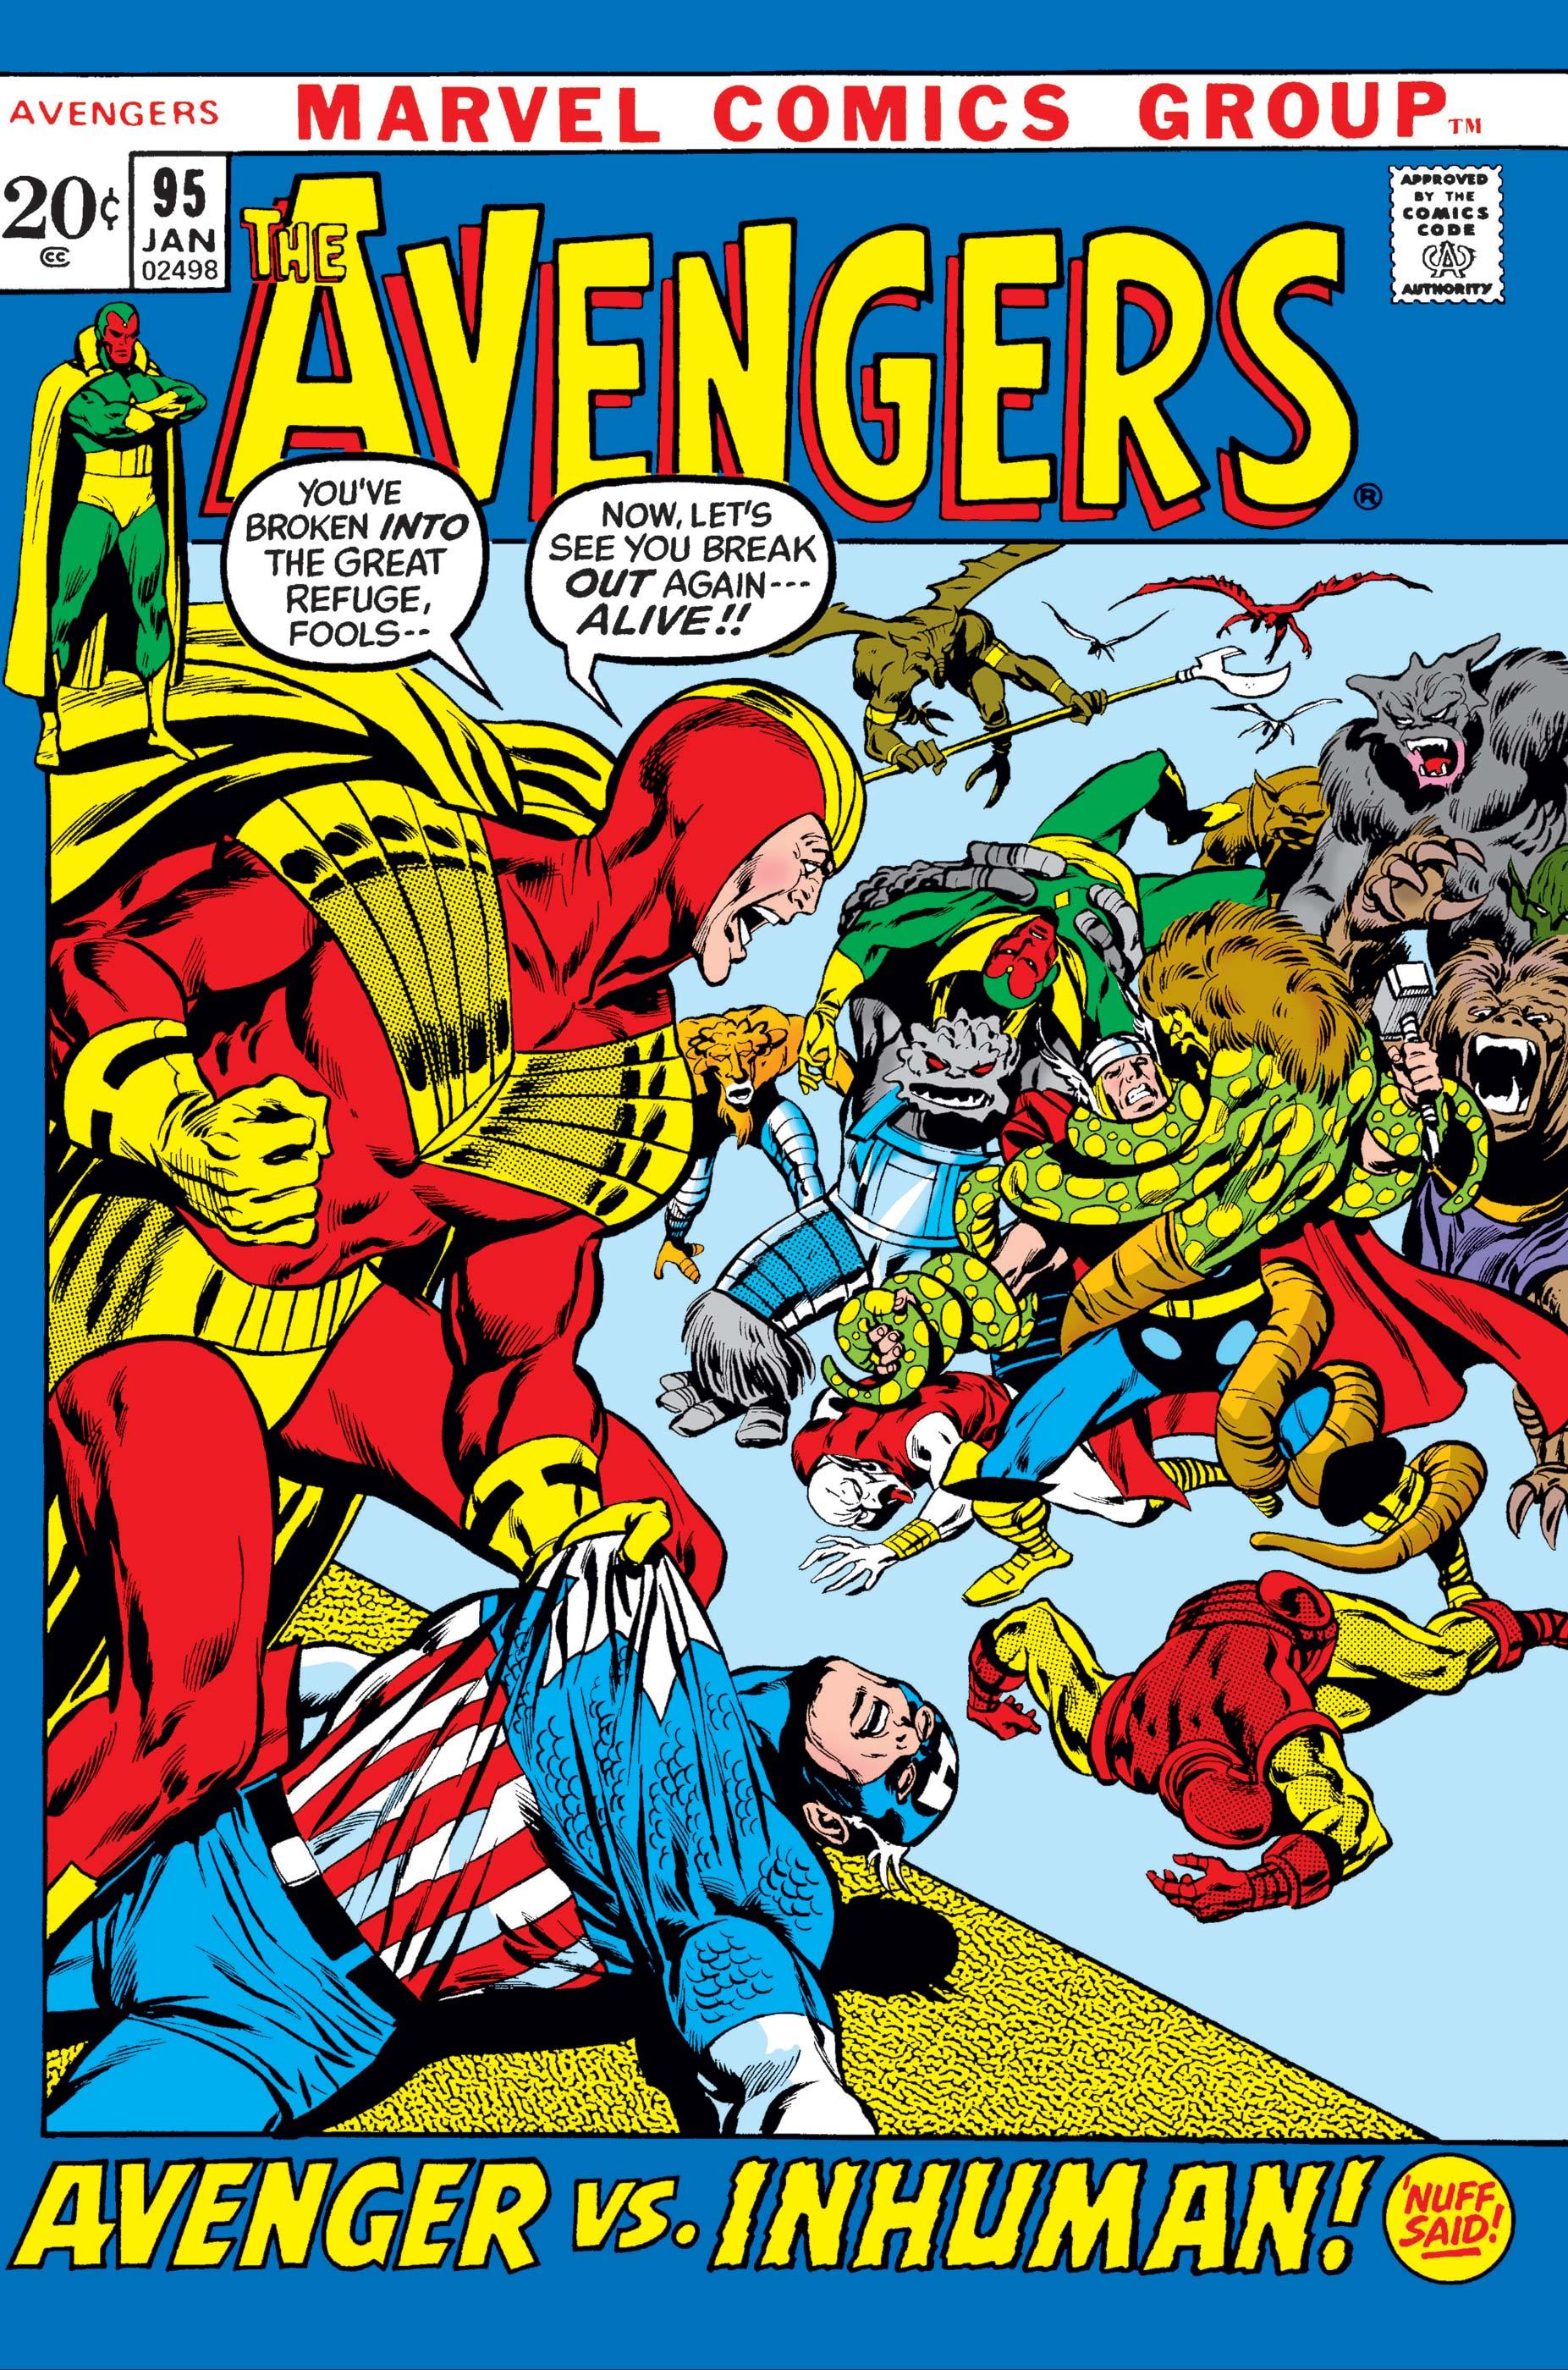 Avengers (1963) #95